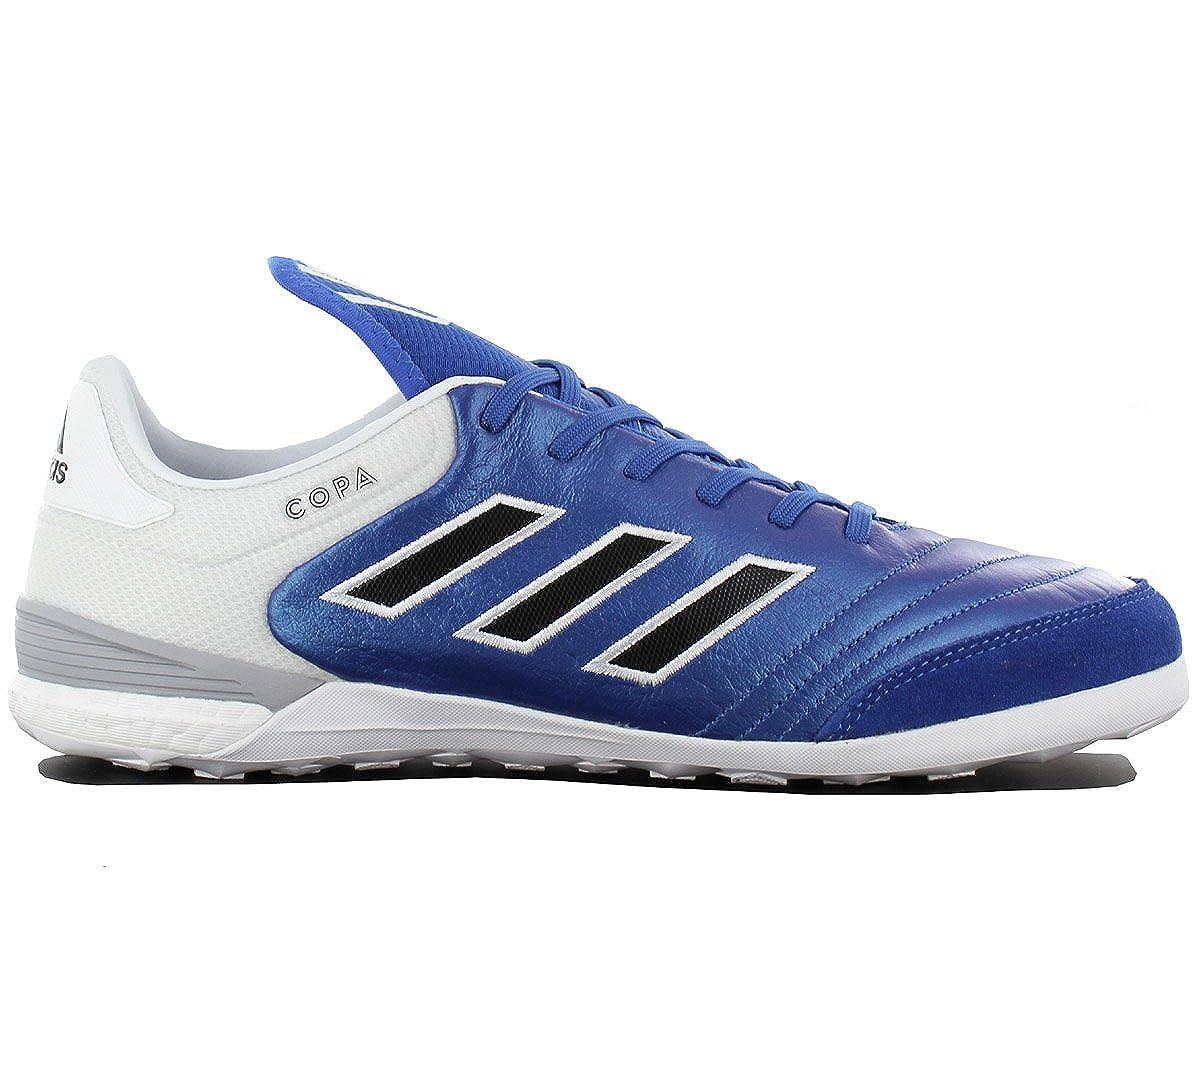 Adidas Herren Copa Tango 17.1 in für Fußballtrainingsschuhe